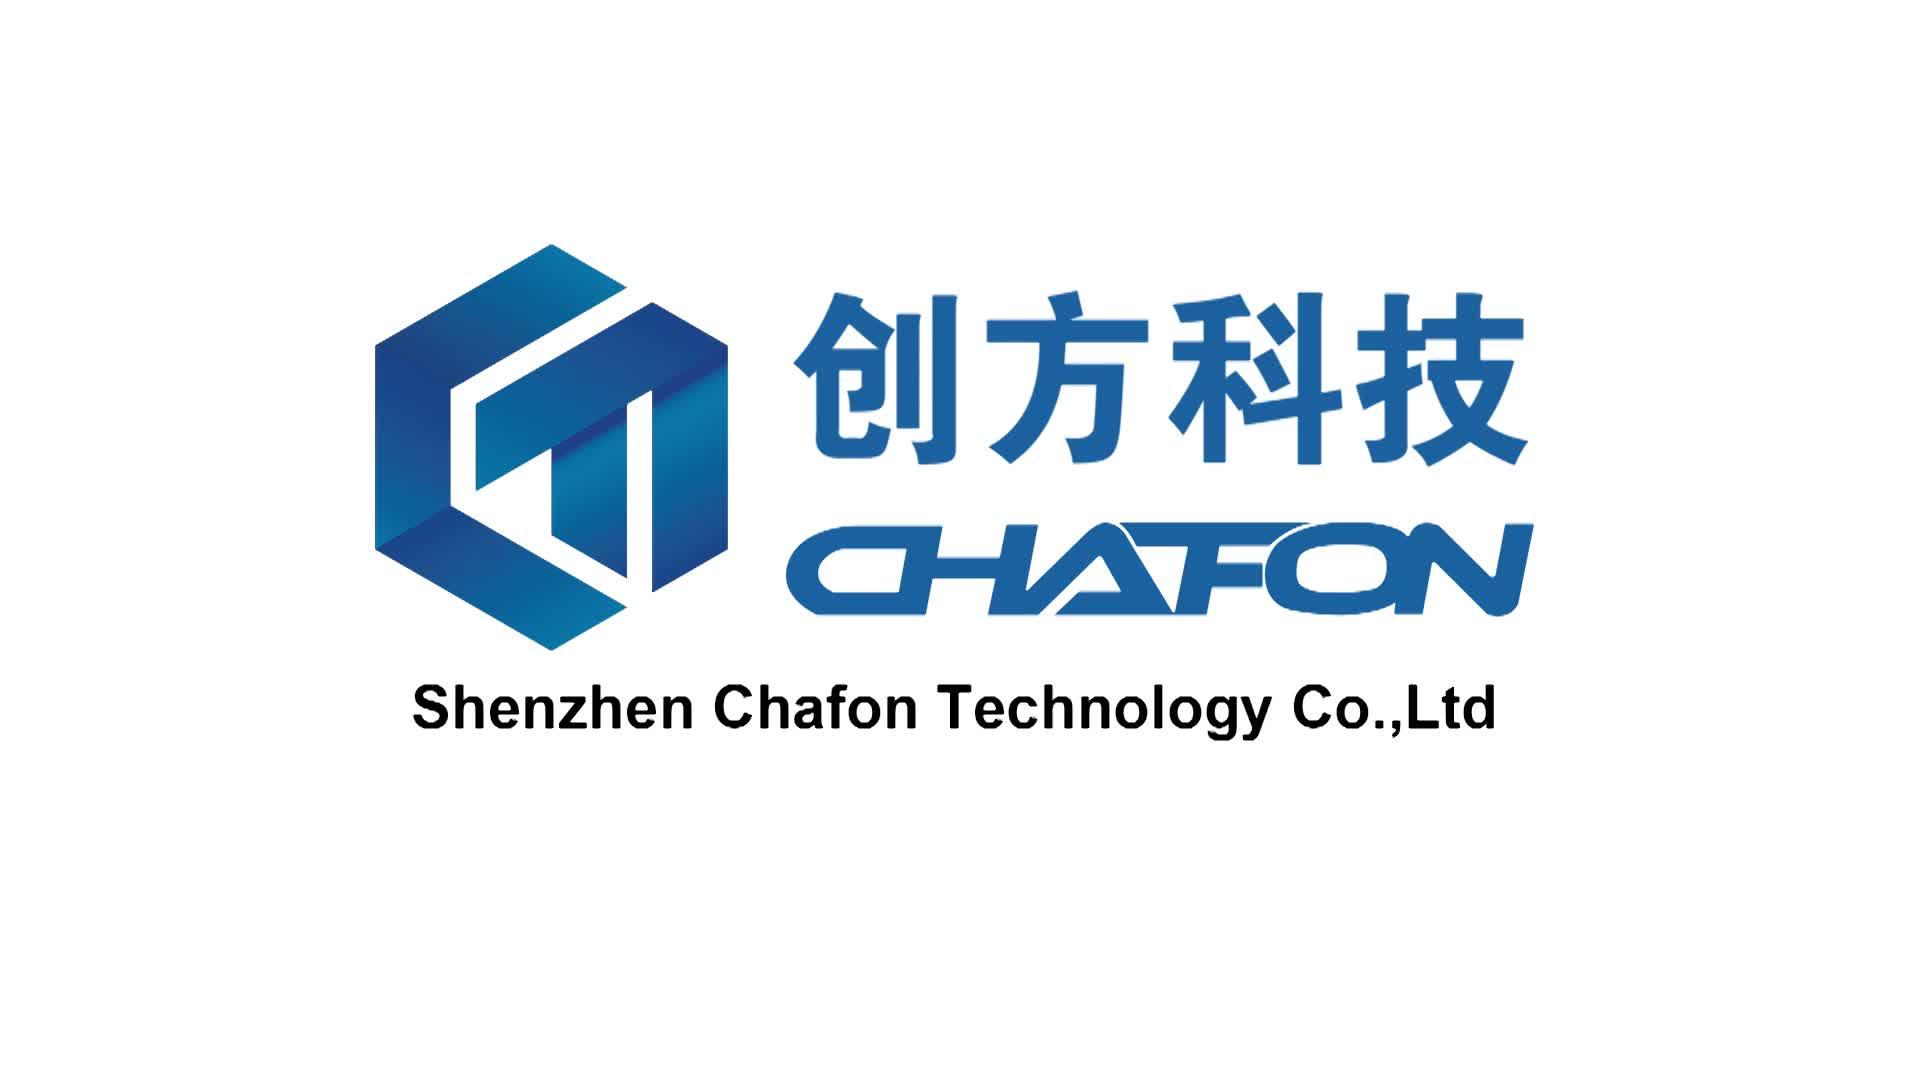 CHAFON 10m USB RS232 WG26 de interfaz de relé de la contraseña de modo de seguimiento de vehículos vuelos antena uhf rfid integrado de larga distancia lector